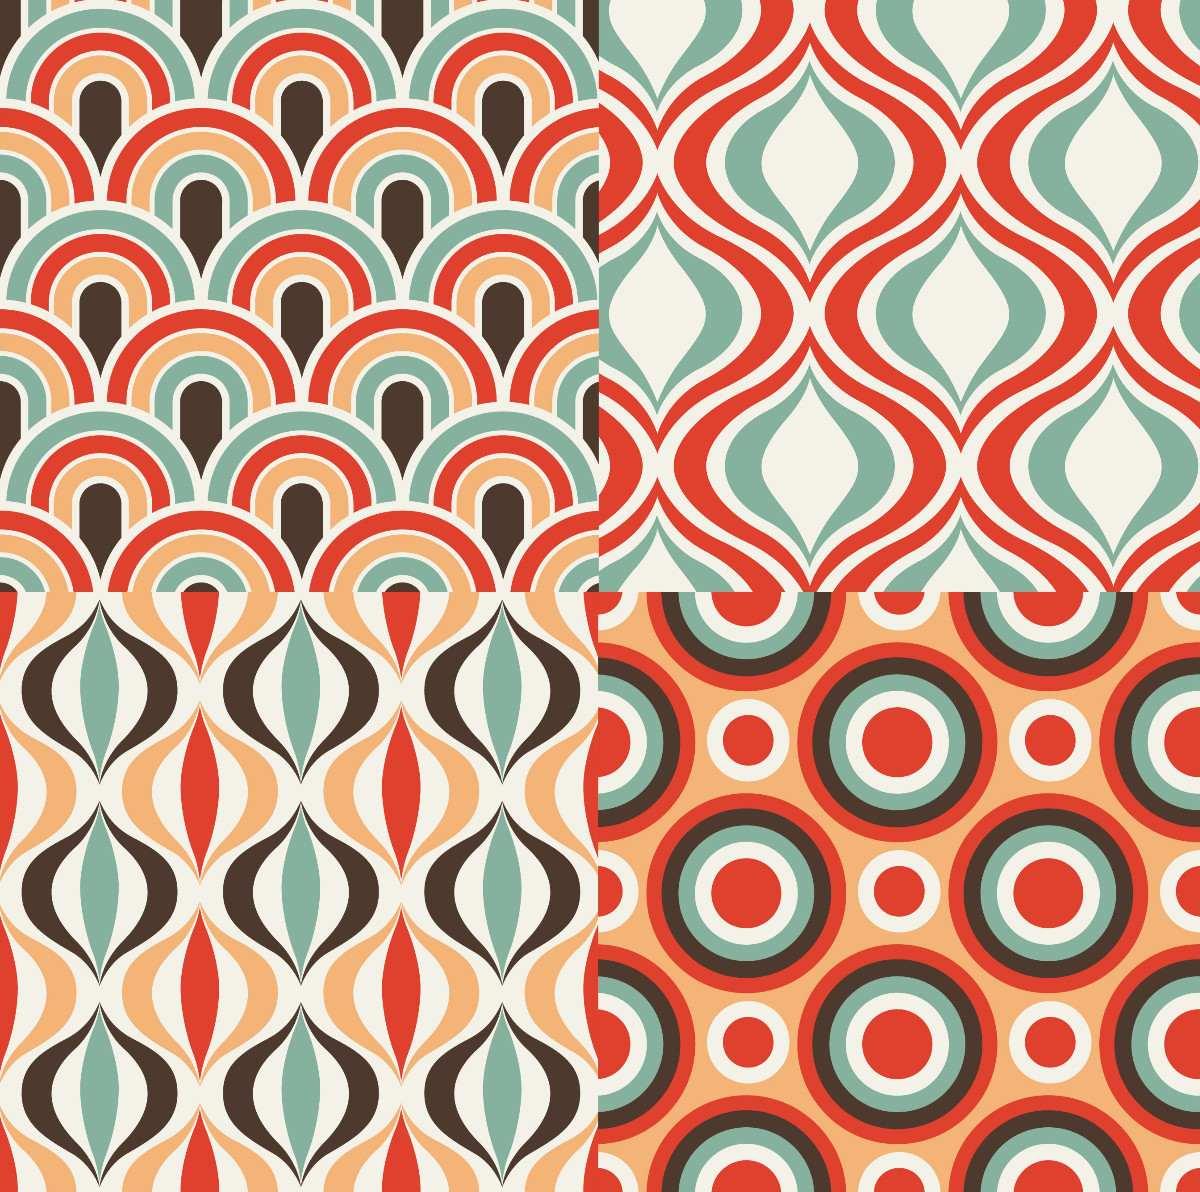 Adesivo De Parede Filtro Dos Sonhos ~ Ladrilho Adesivo De Parede Textura Azulejo Portugues 10cm R$ 1,58 em Mercado Livre